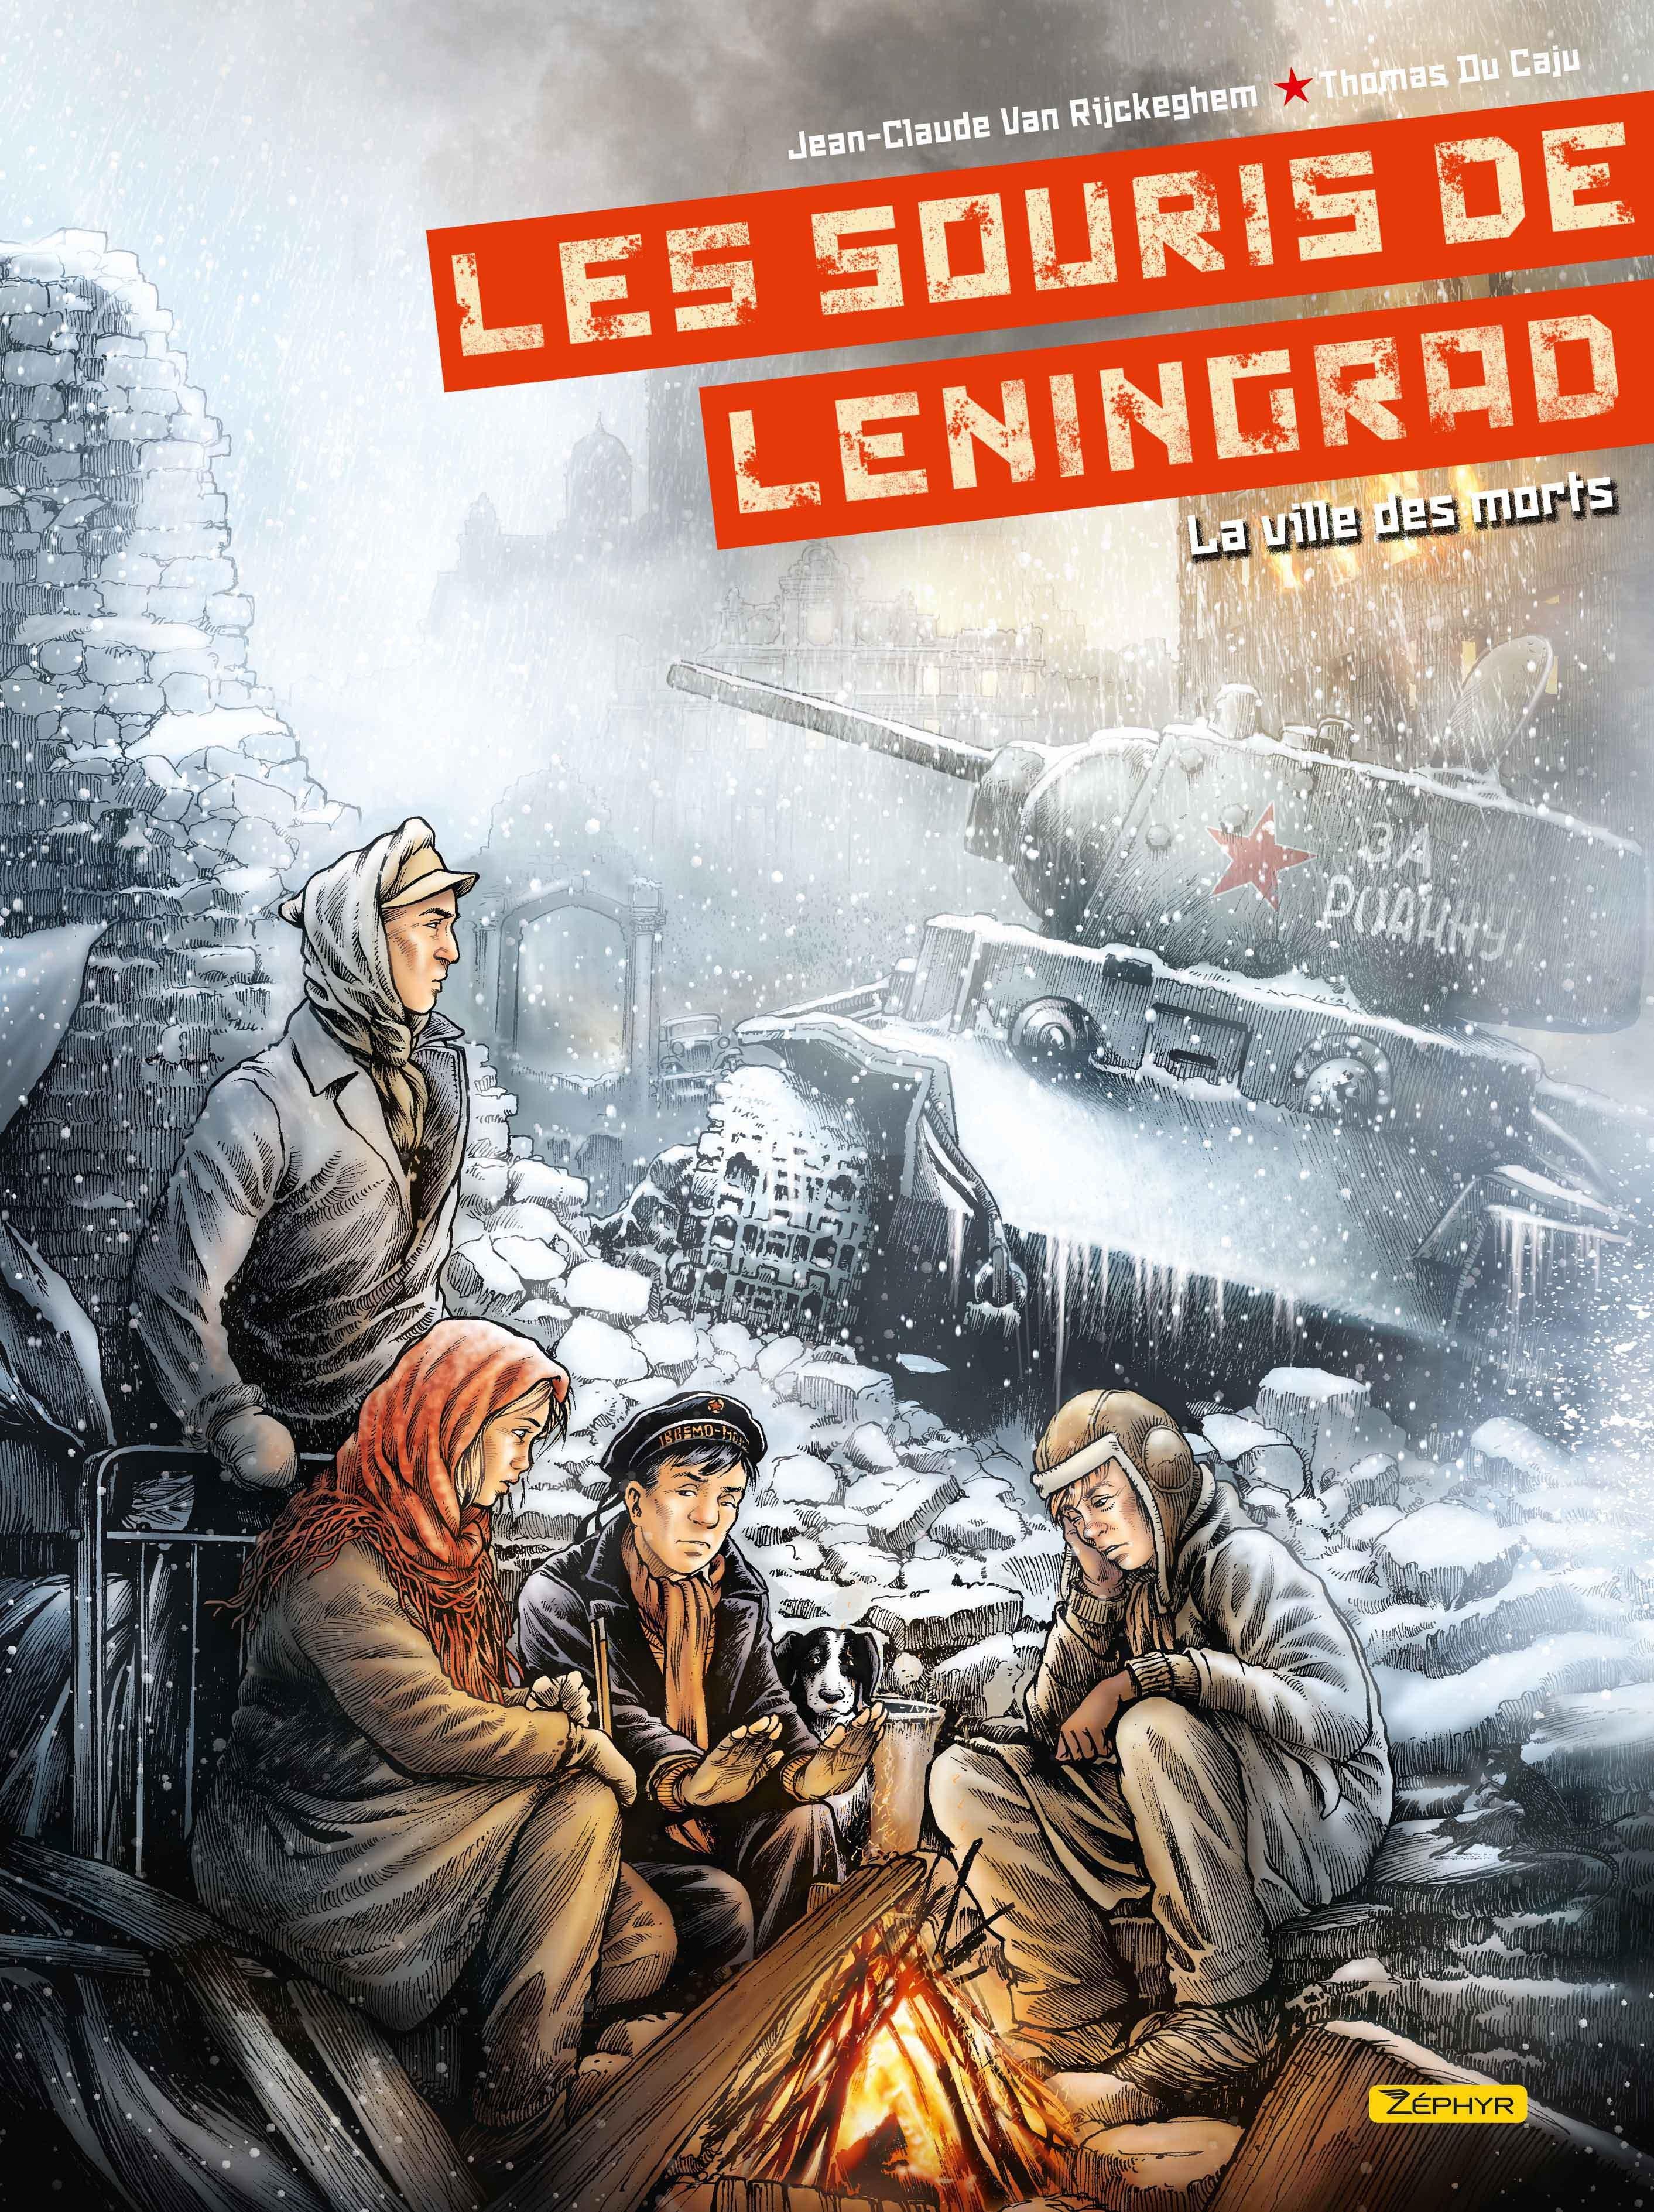 BANDE DESSINEE - LES SOURIS DE LENINGRAD  - TOME 2 - LA VILLE DES MORTS 2/2